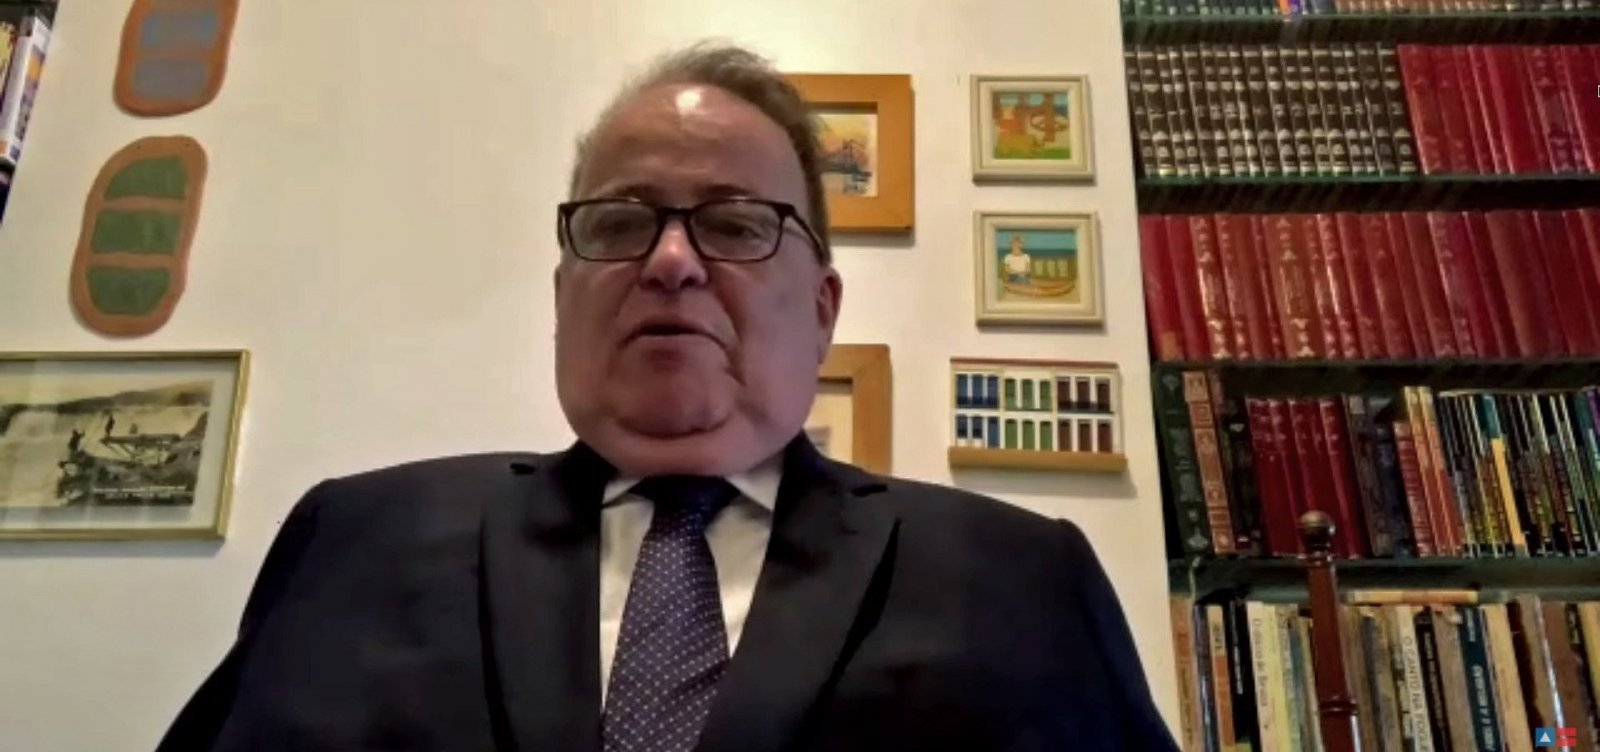 Secretário da Segurança atribui chacina do Uruguai à política armamentista